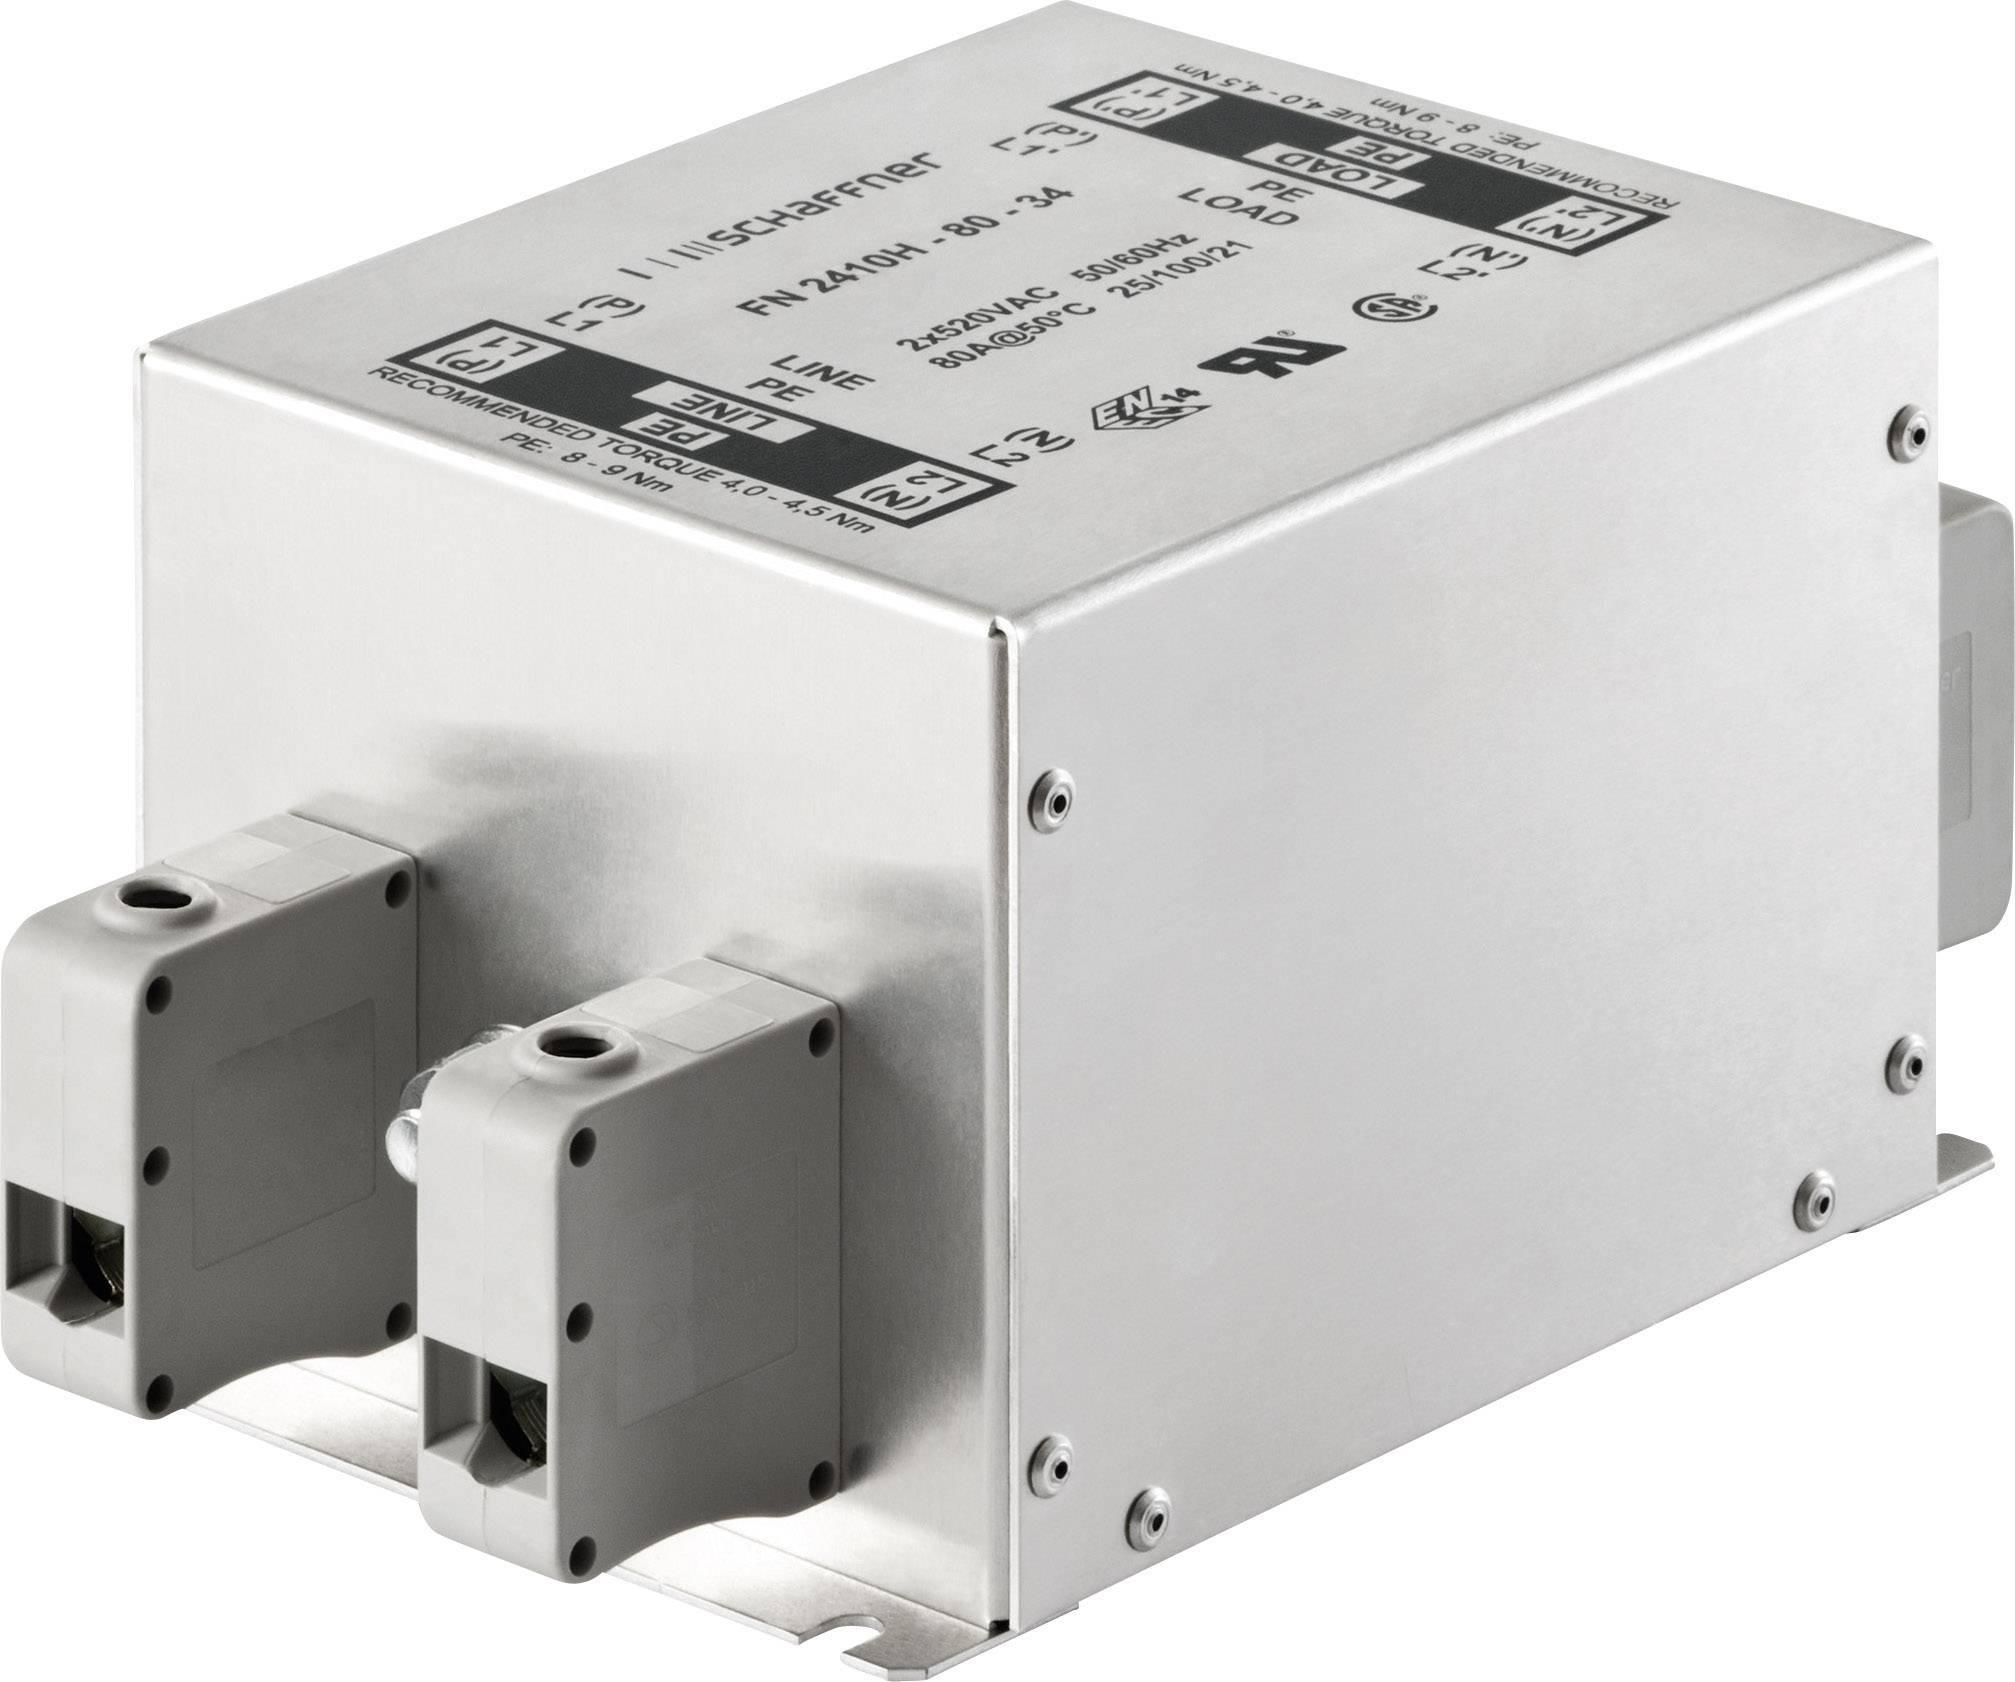 Odrušovací filter Schaffner FN2410H-8-44 FN2410H-8-44, 300 V/AC, 520 V/AC, 8 A, (d x š x v) 130 x 93 x 62 mm, 1 ks